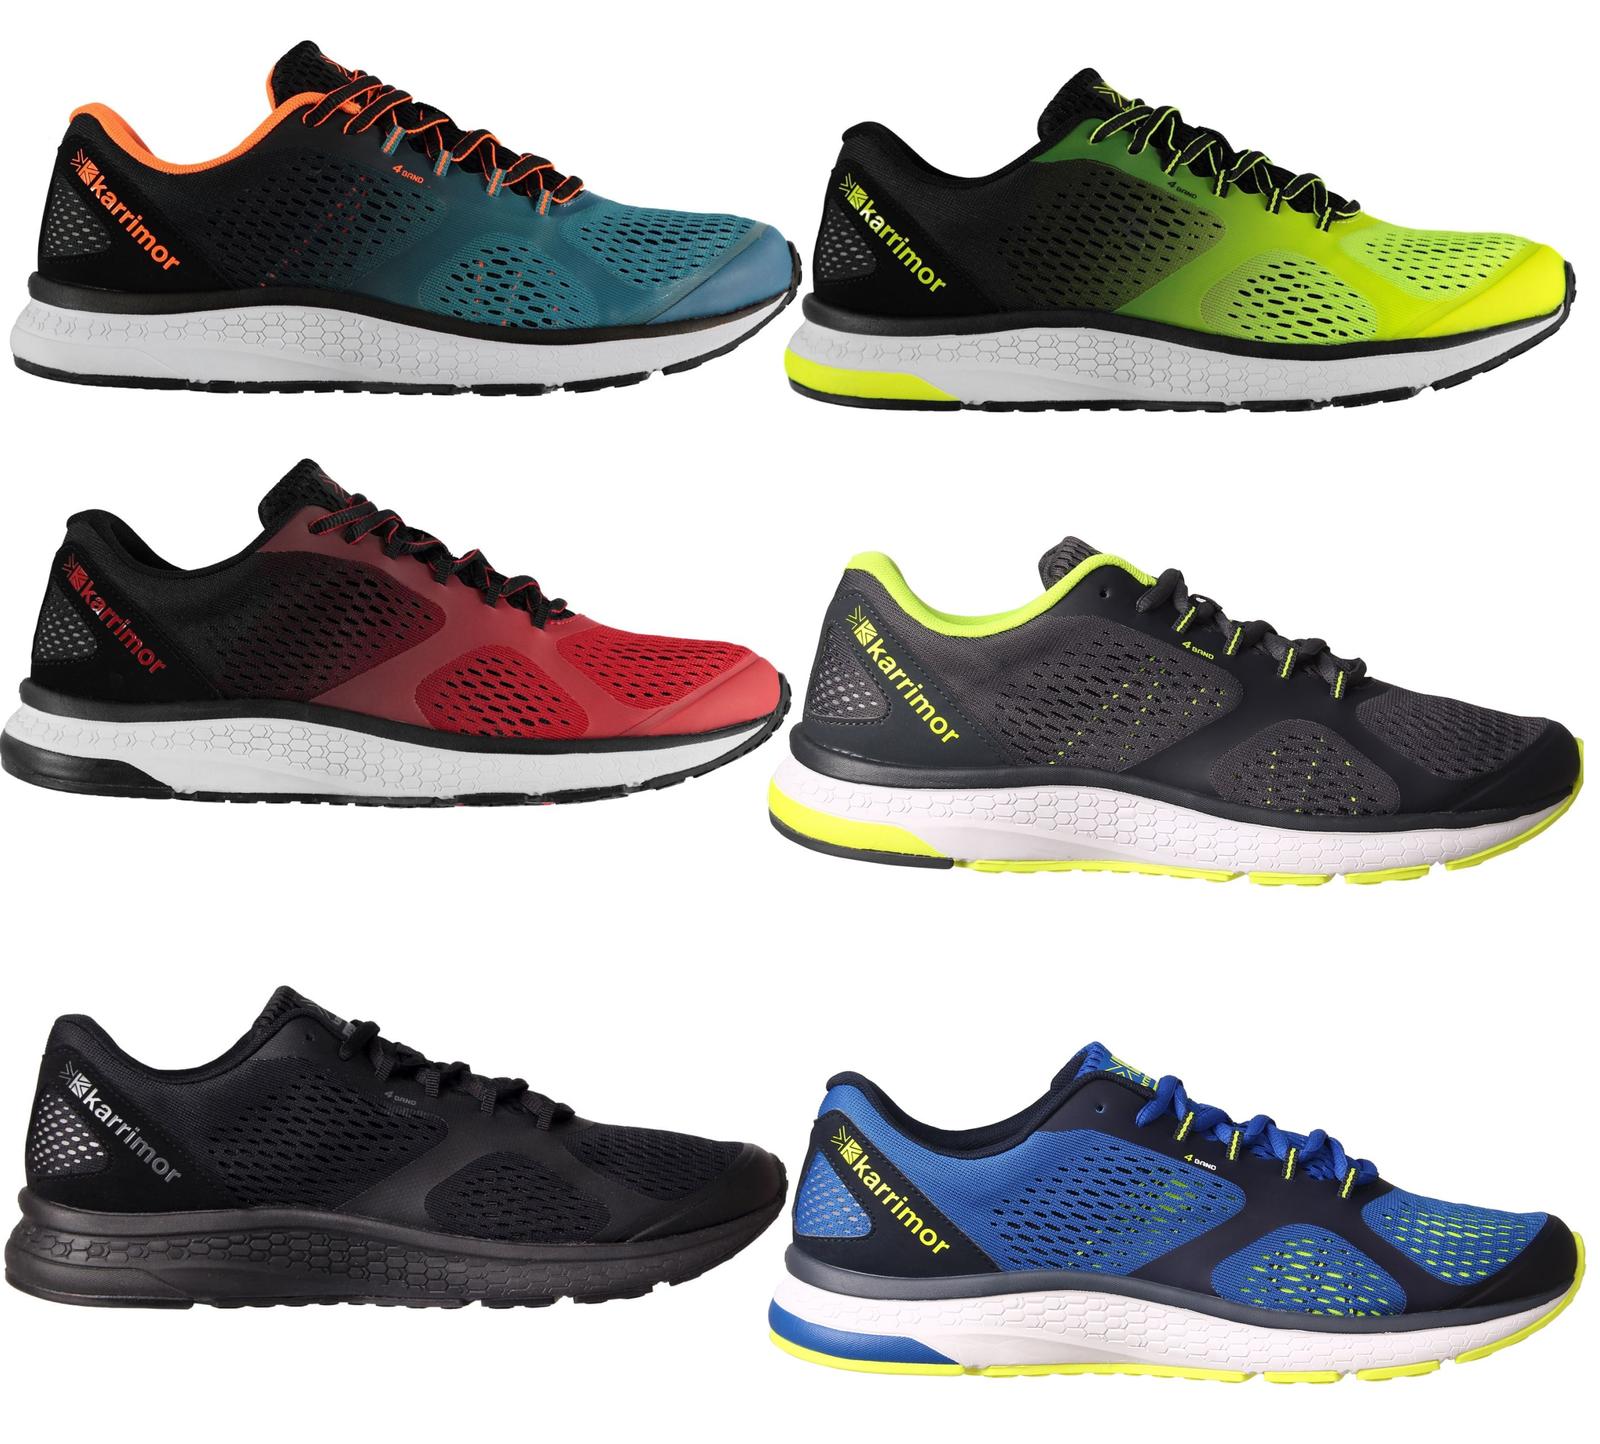 2019 neue Mode wilde Männer  Frauen Casual Sportschuhe Laufschuhe Flut Schuhe